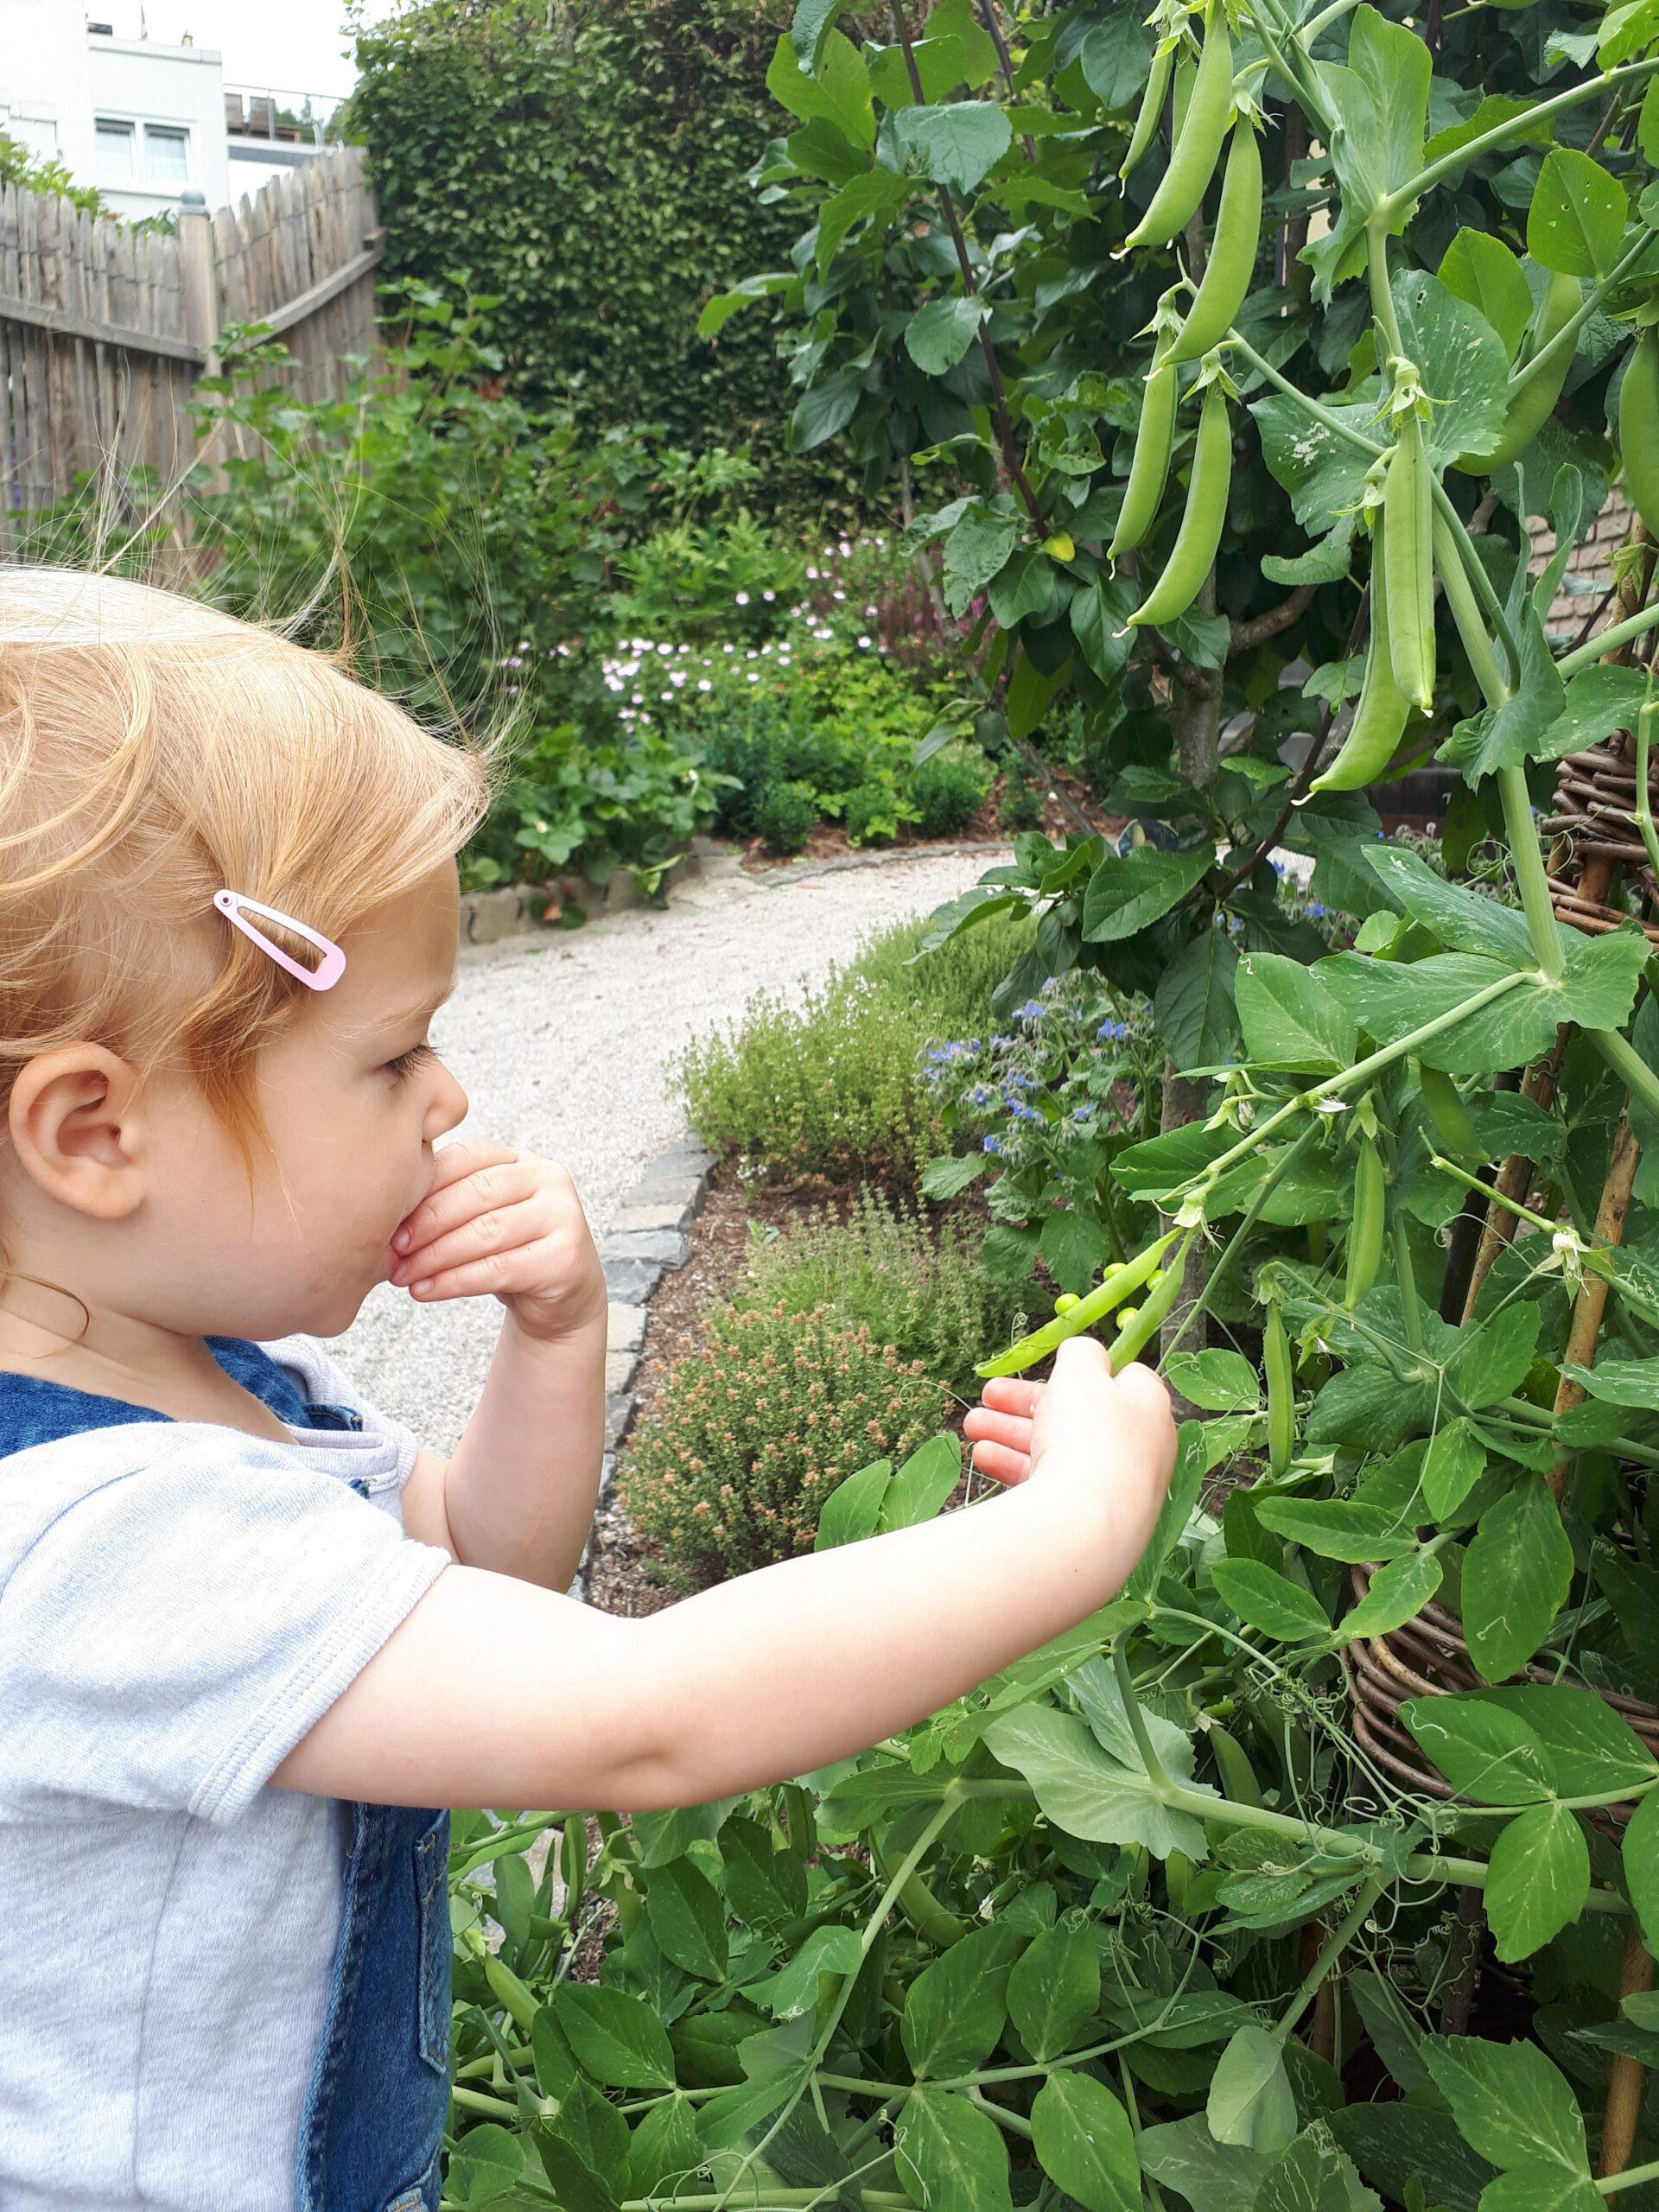 Für Kinder ist so ein Naschgarten wunderbar